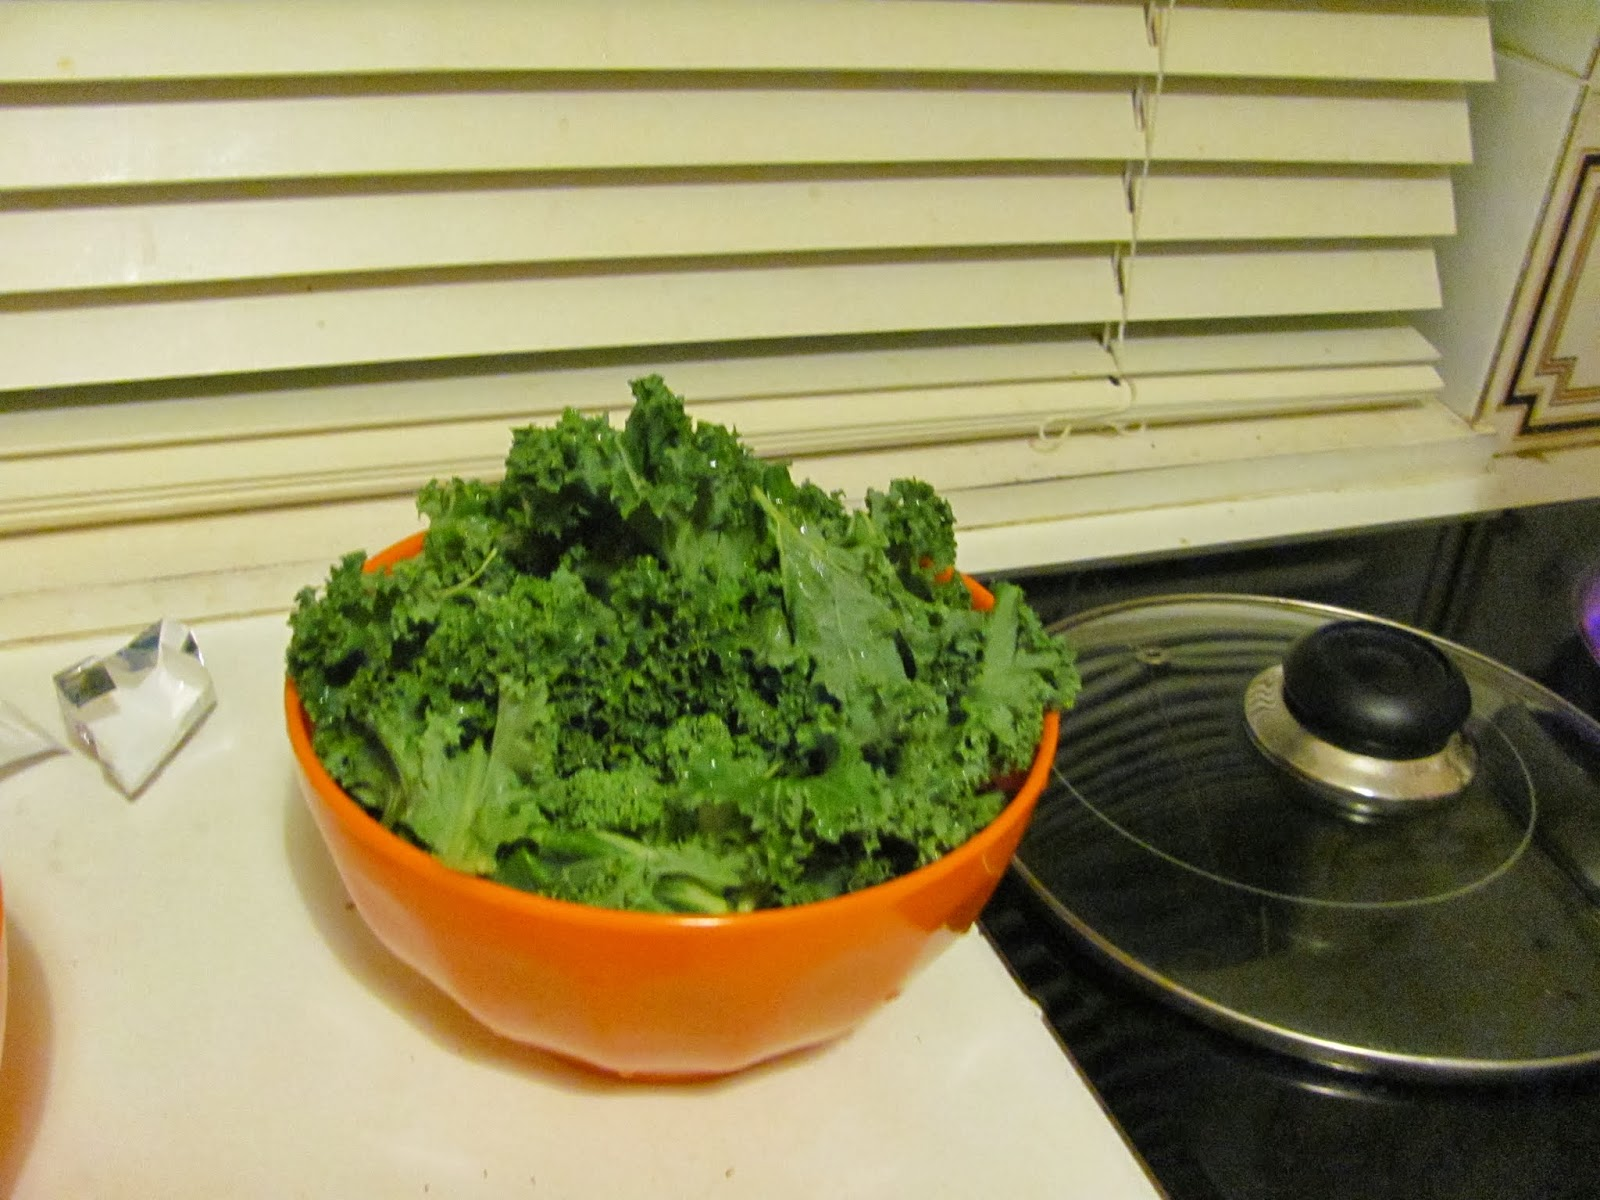 Cut Kale for soup